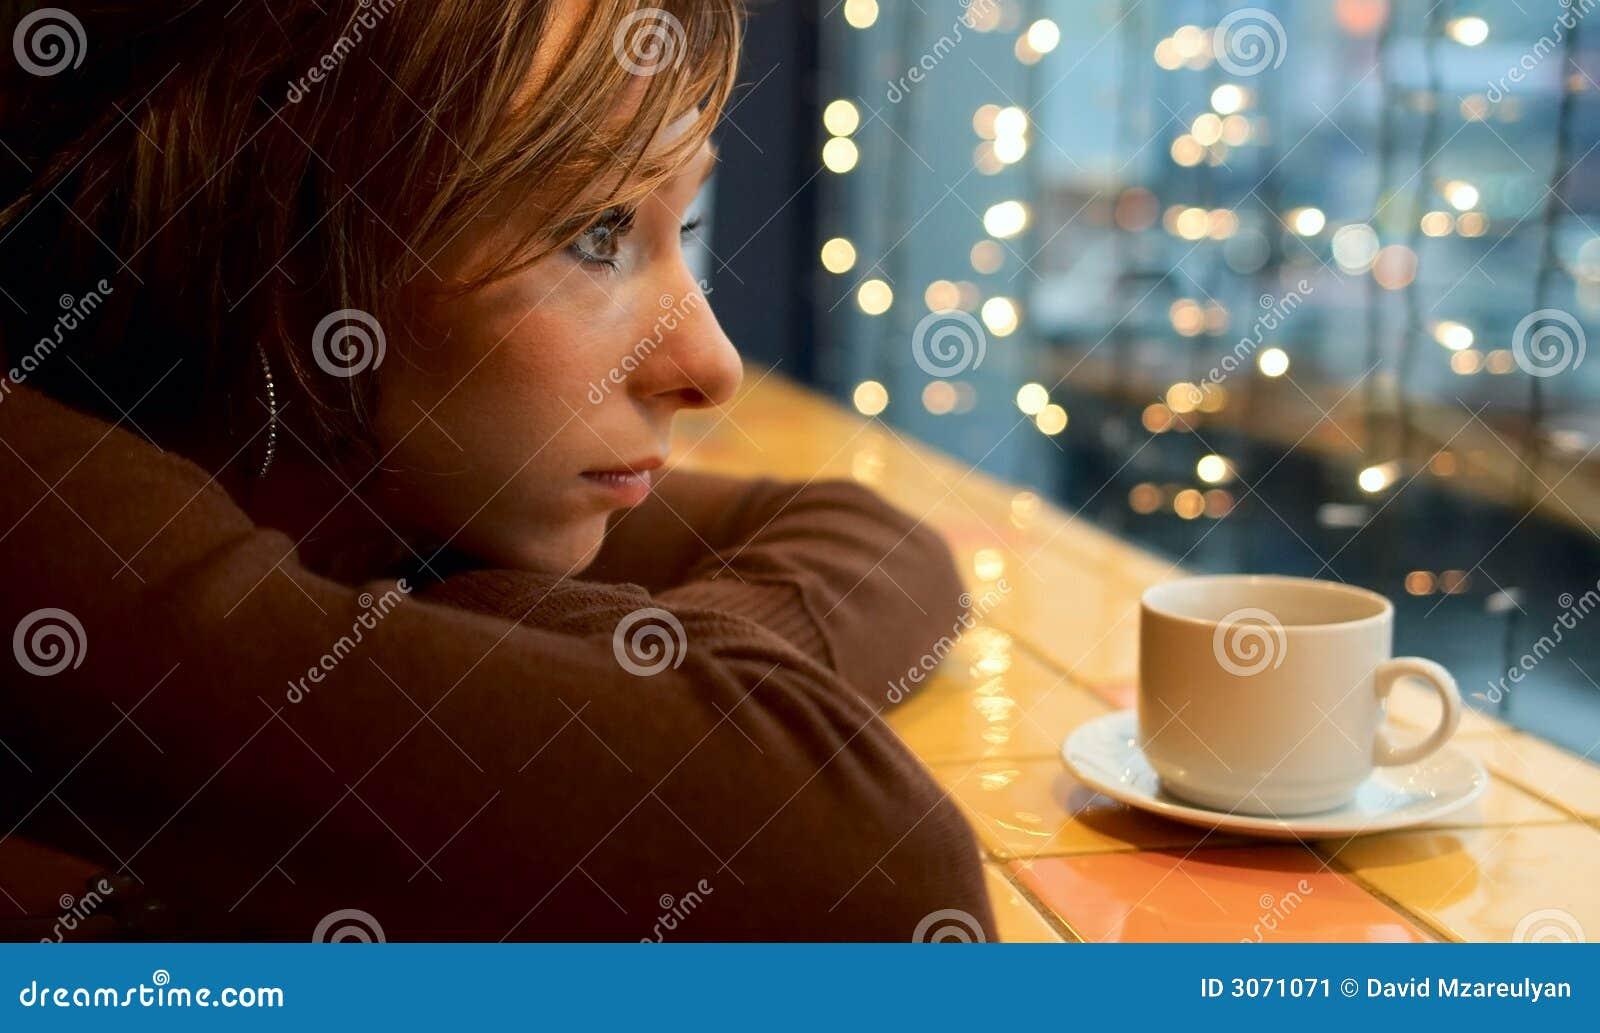 Фото жен в кафе 18 фотография